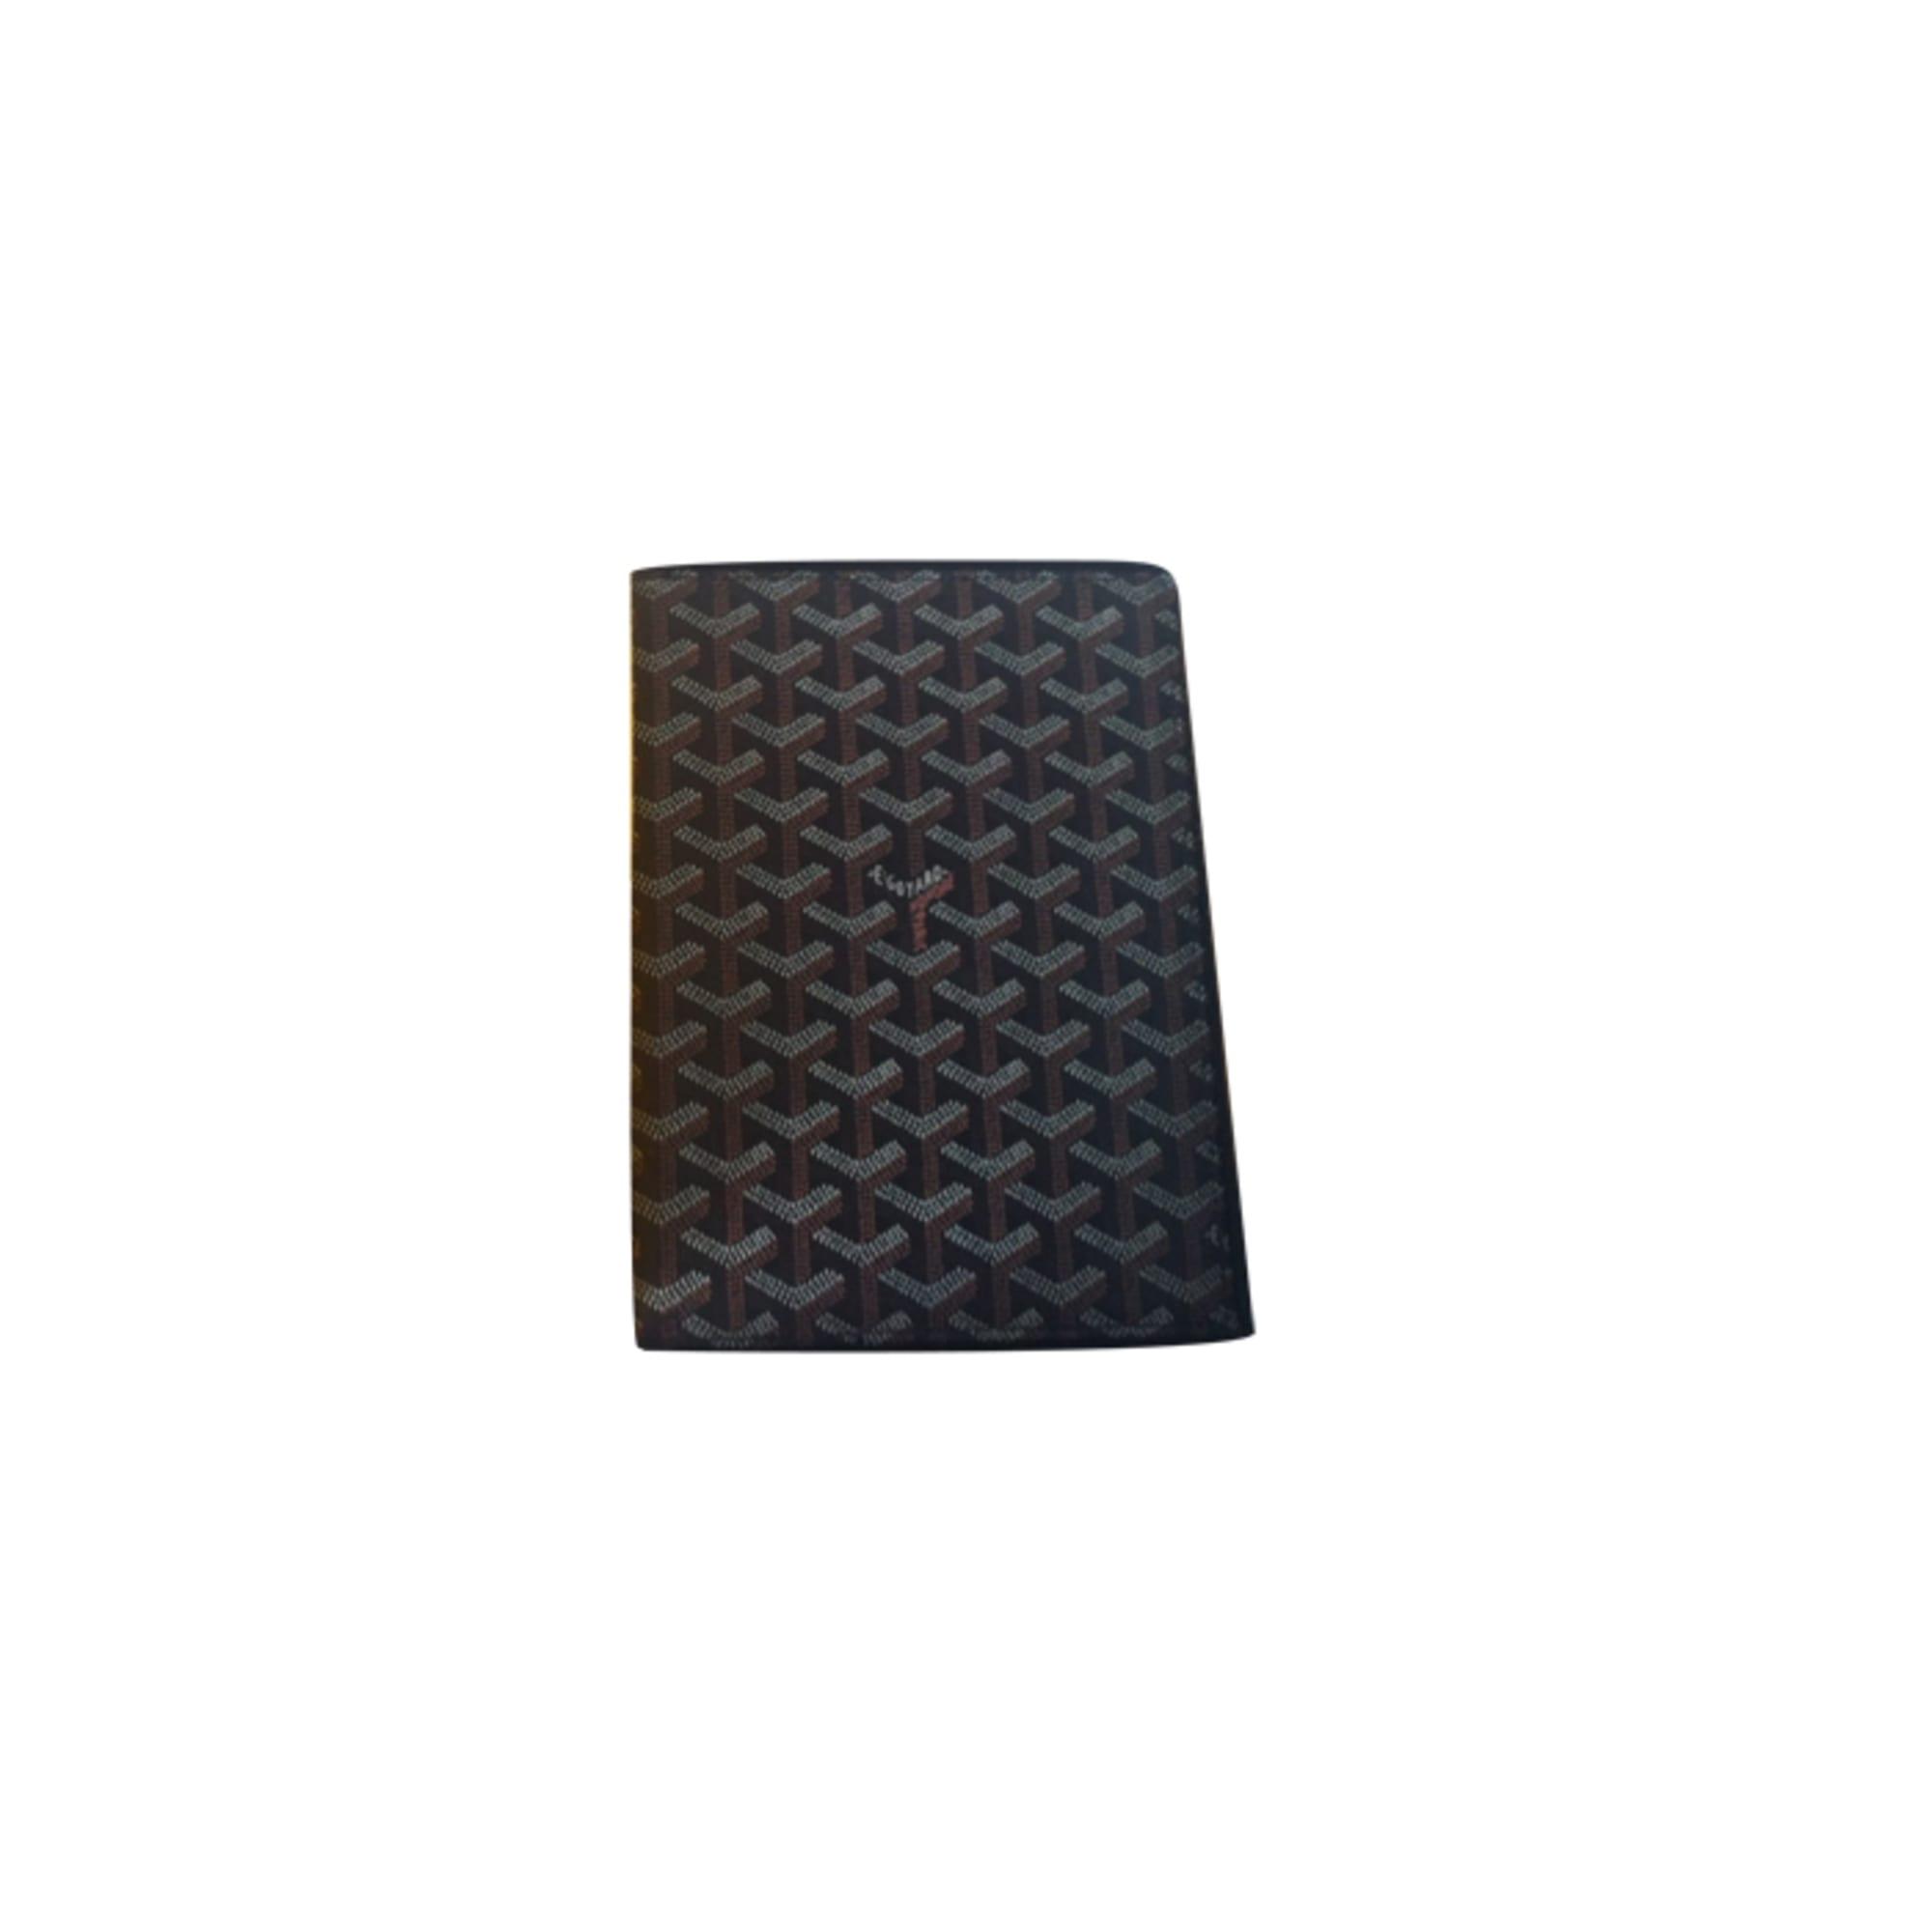 Pochette GOYARD multicouleur - 1702615 bf56b3062af